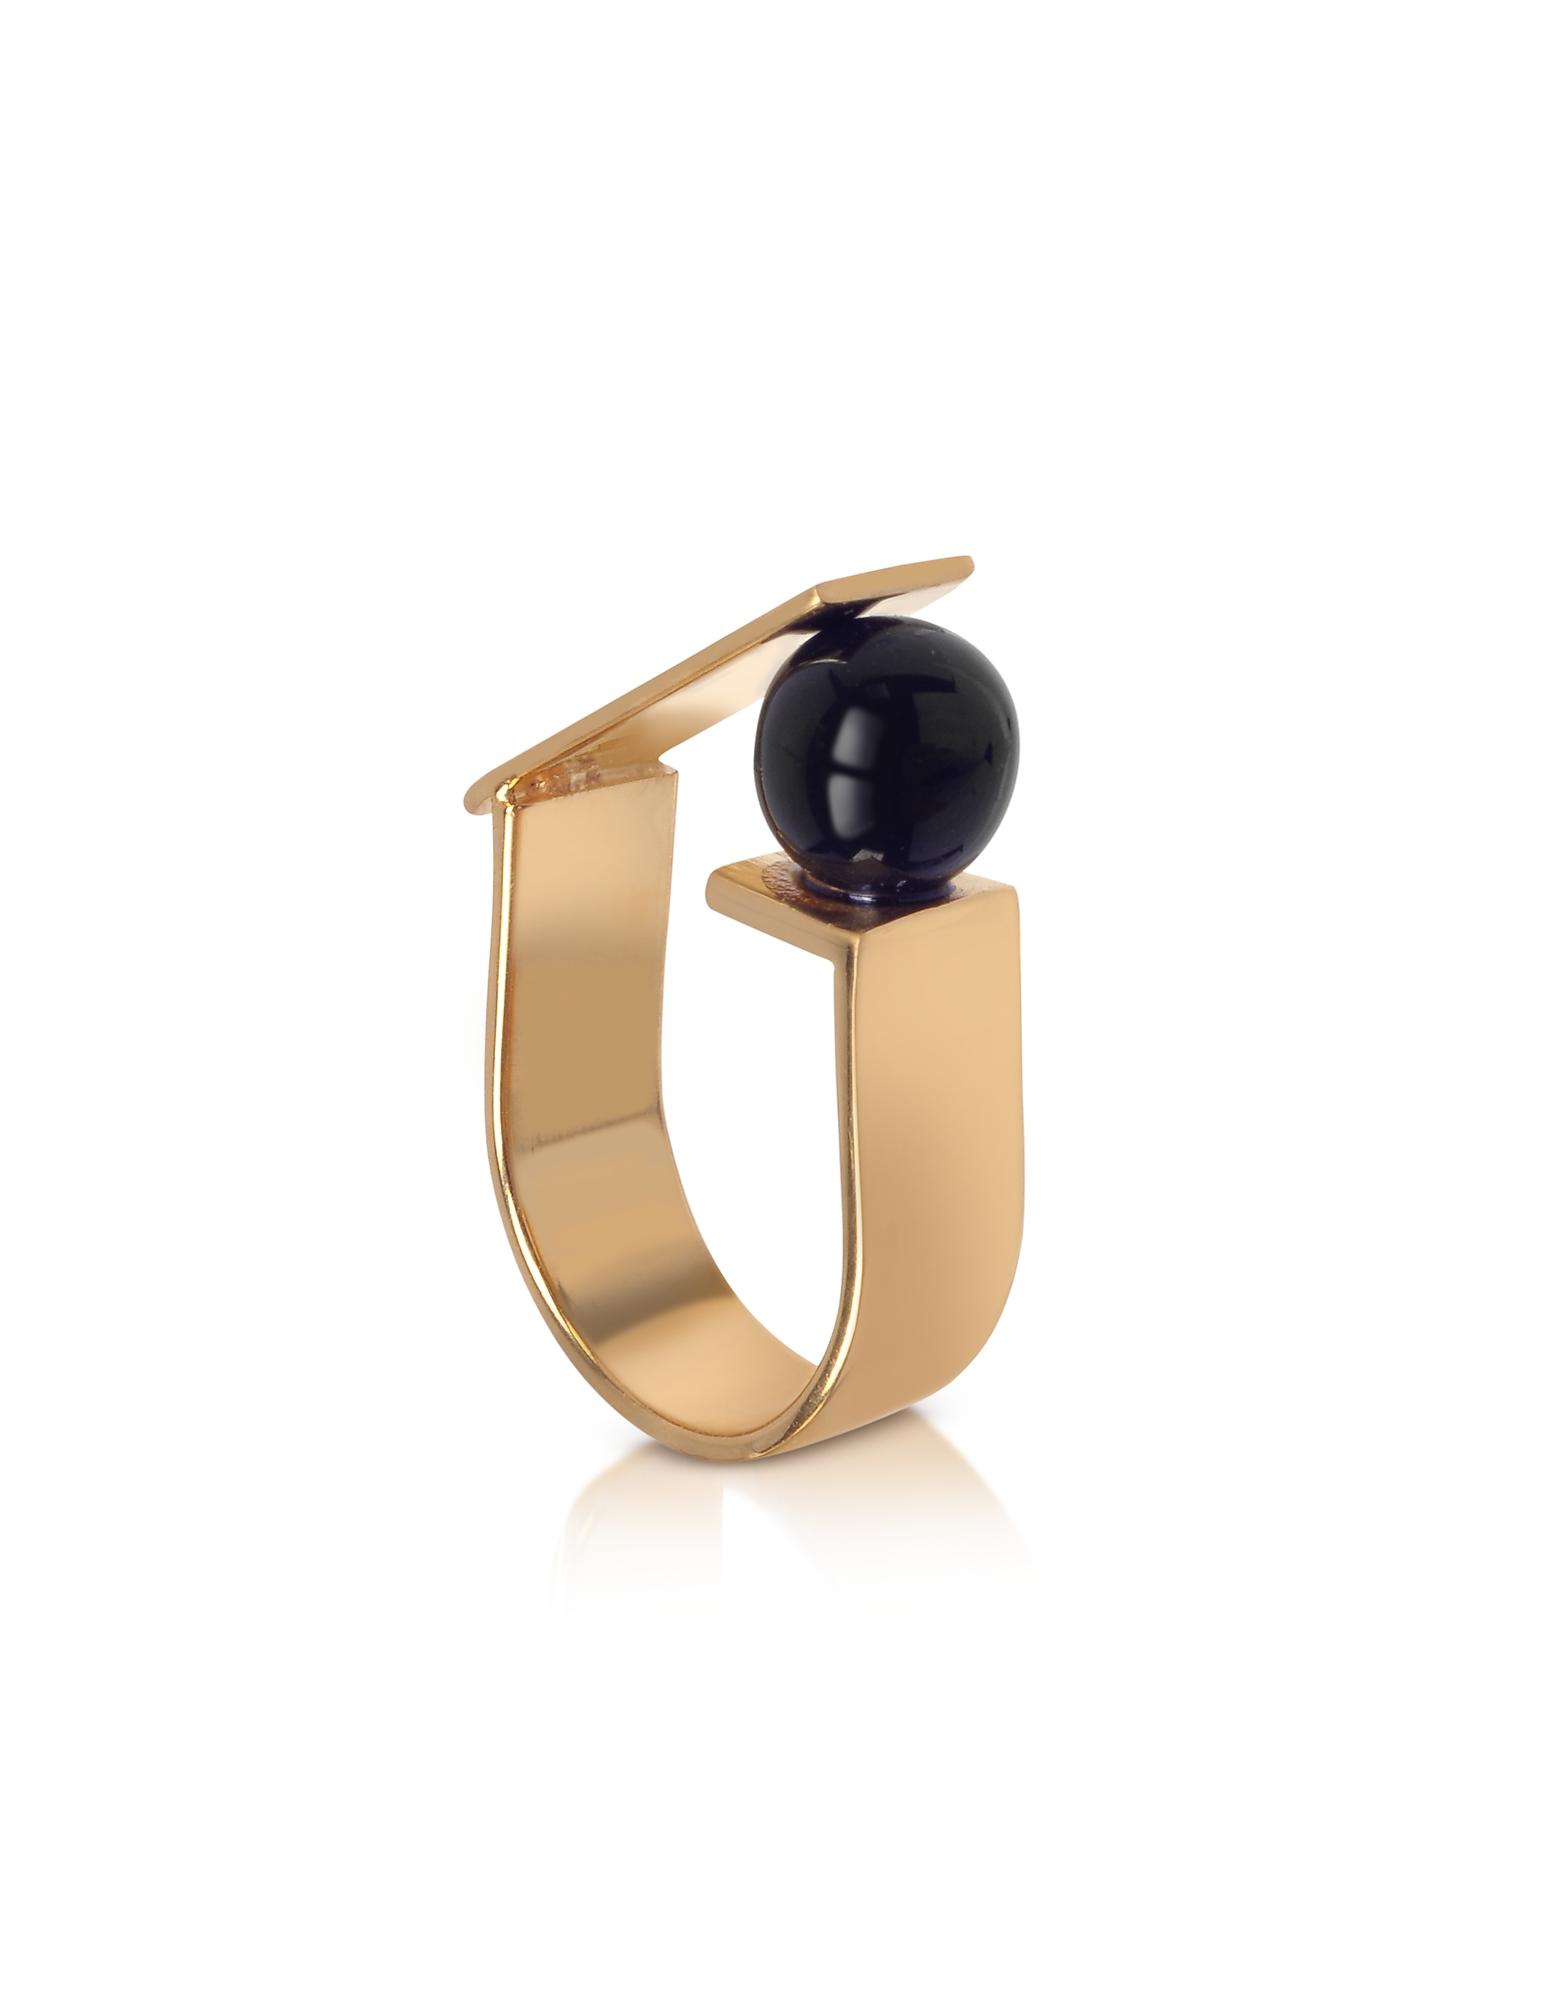 Arlequin - Кольцо из Золотистой Меди с Черной Стеклянной Жемчужиной